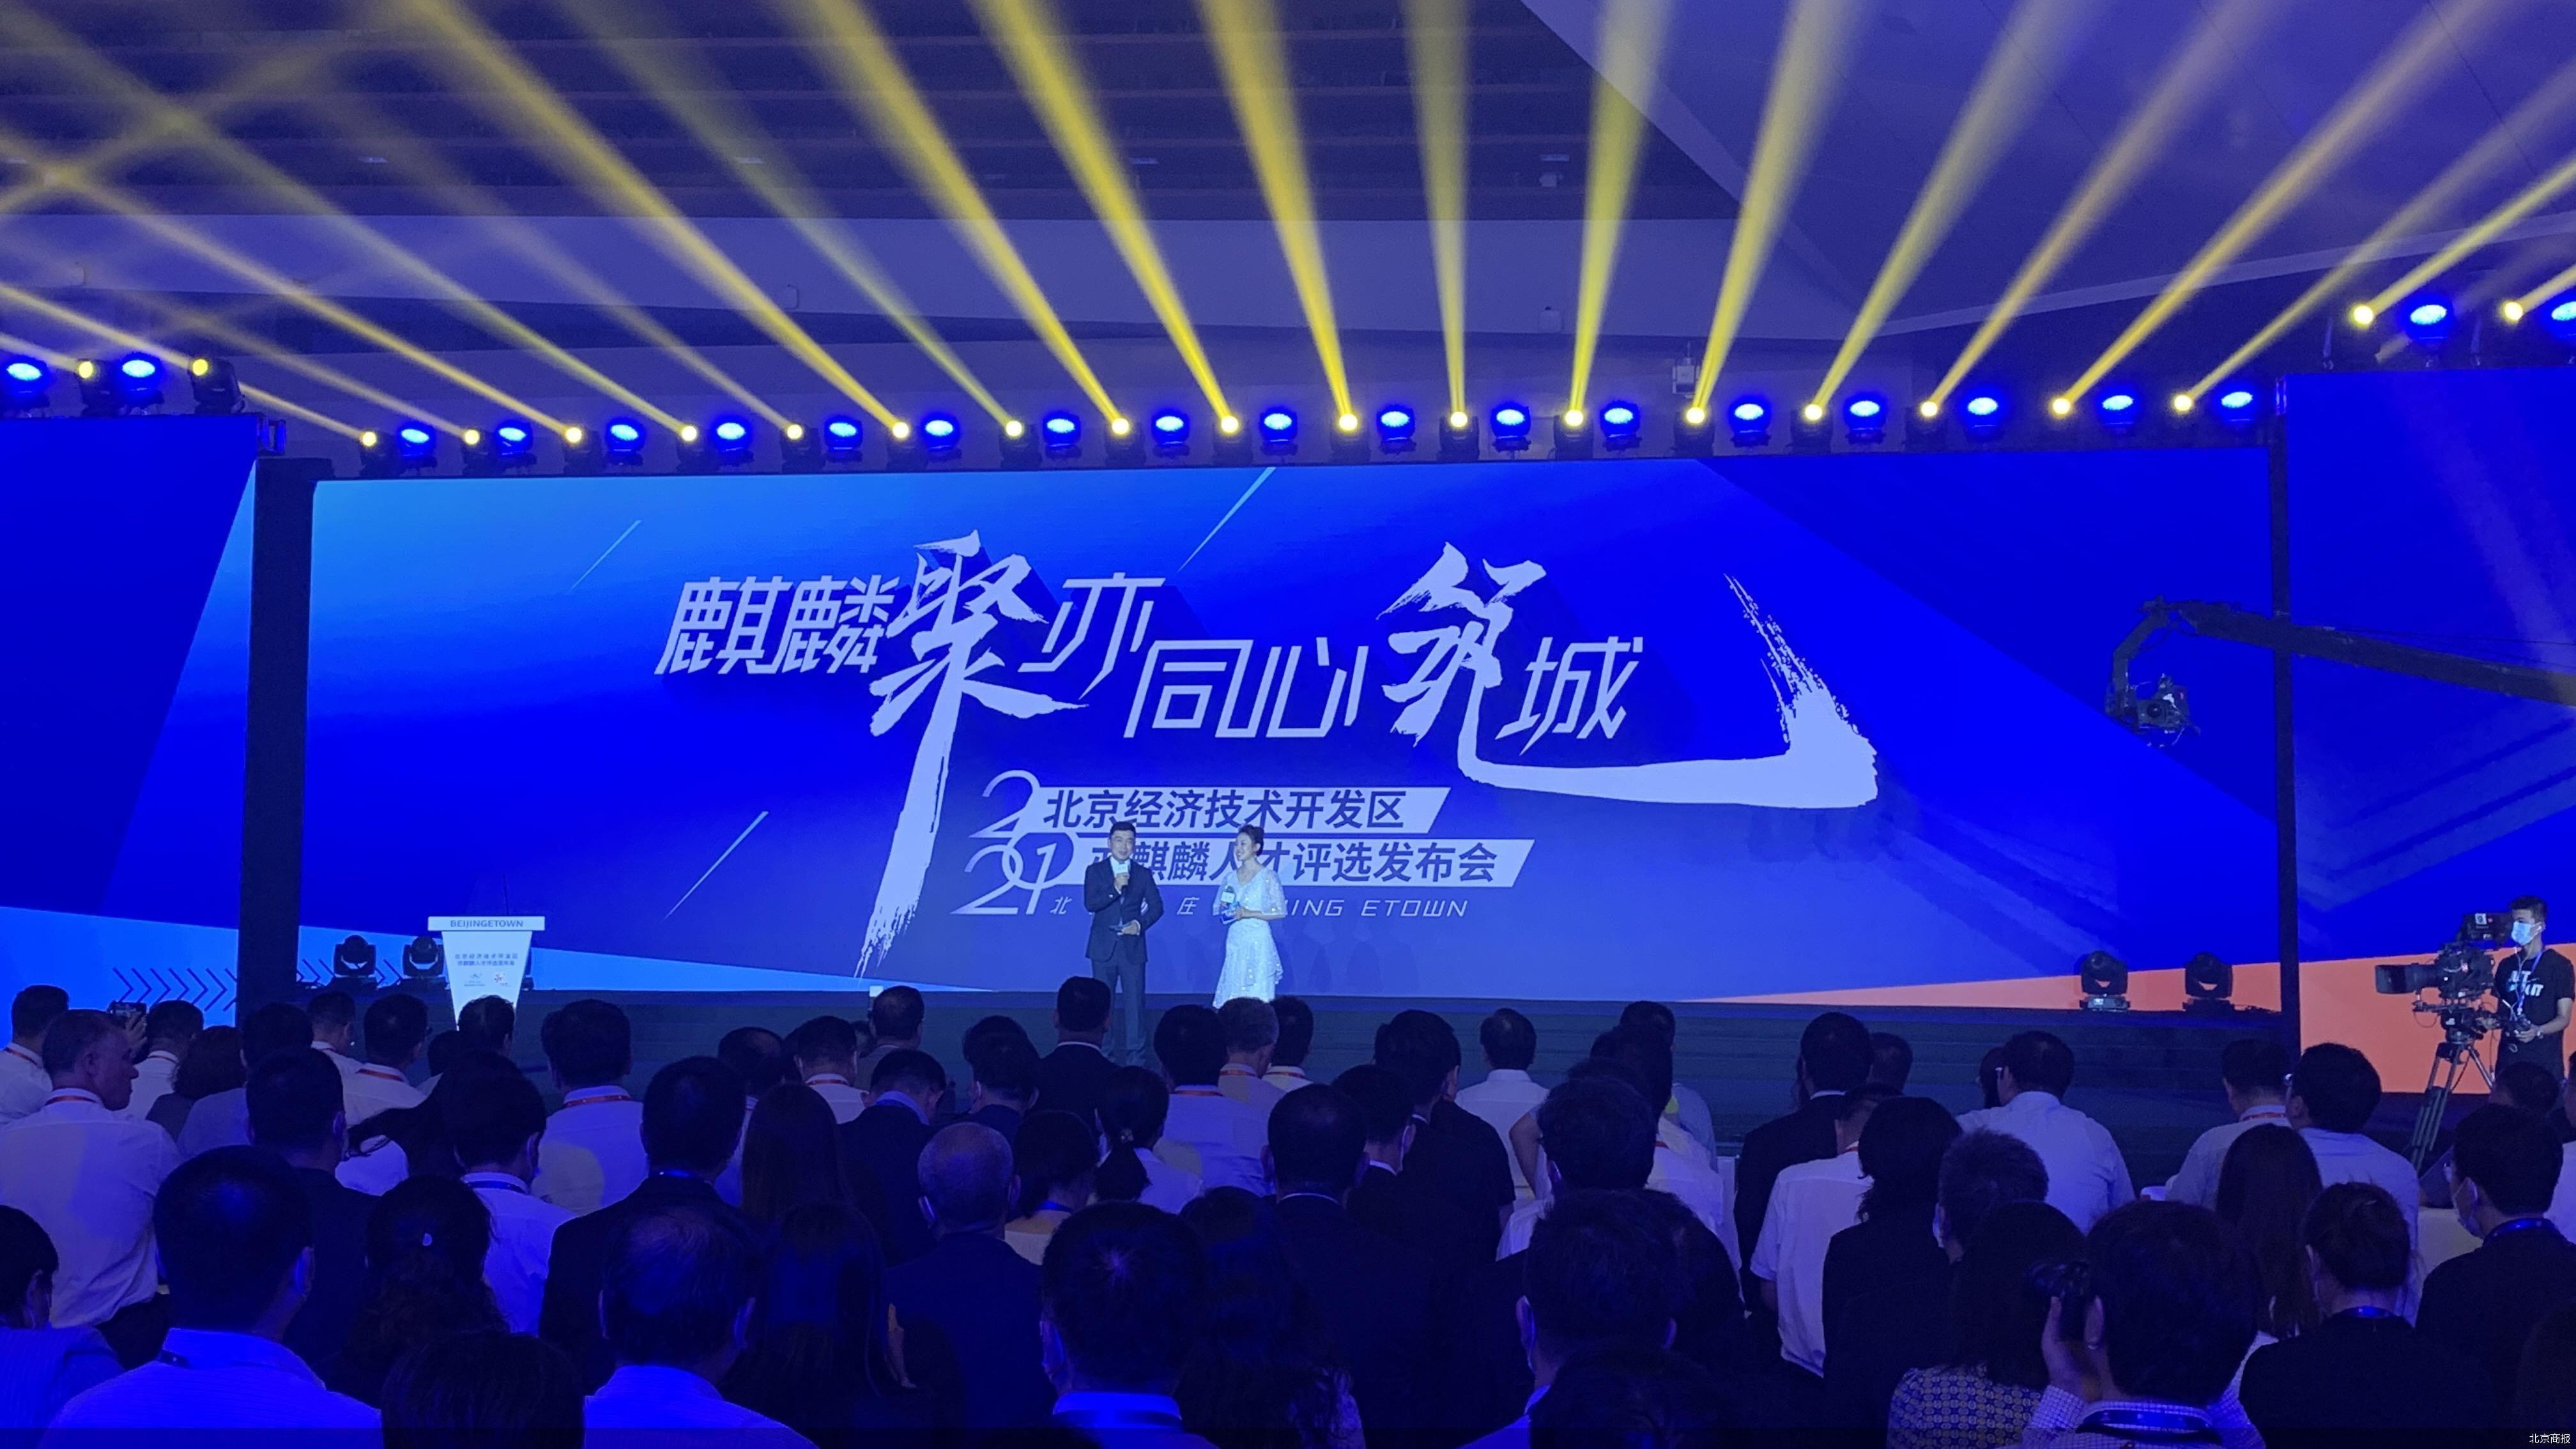 北京經開區評選出亦麒麟人才166人,人才隊伍不斷擴容